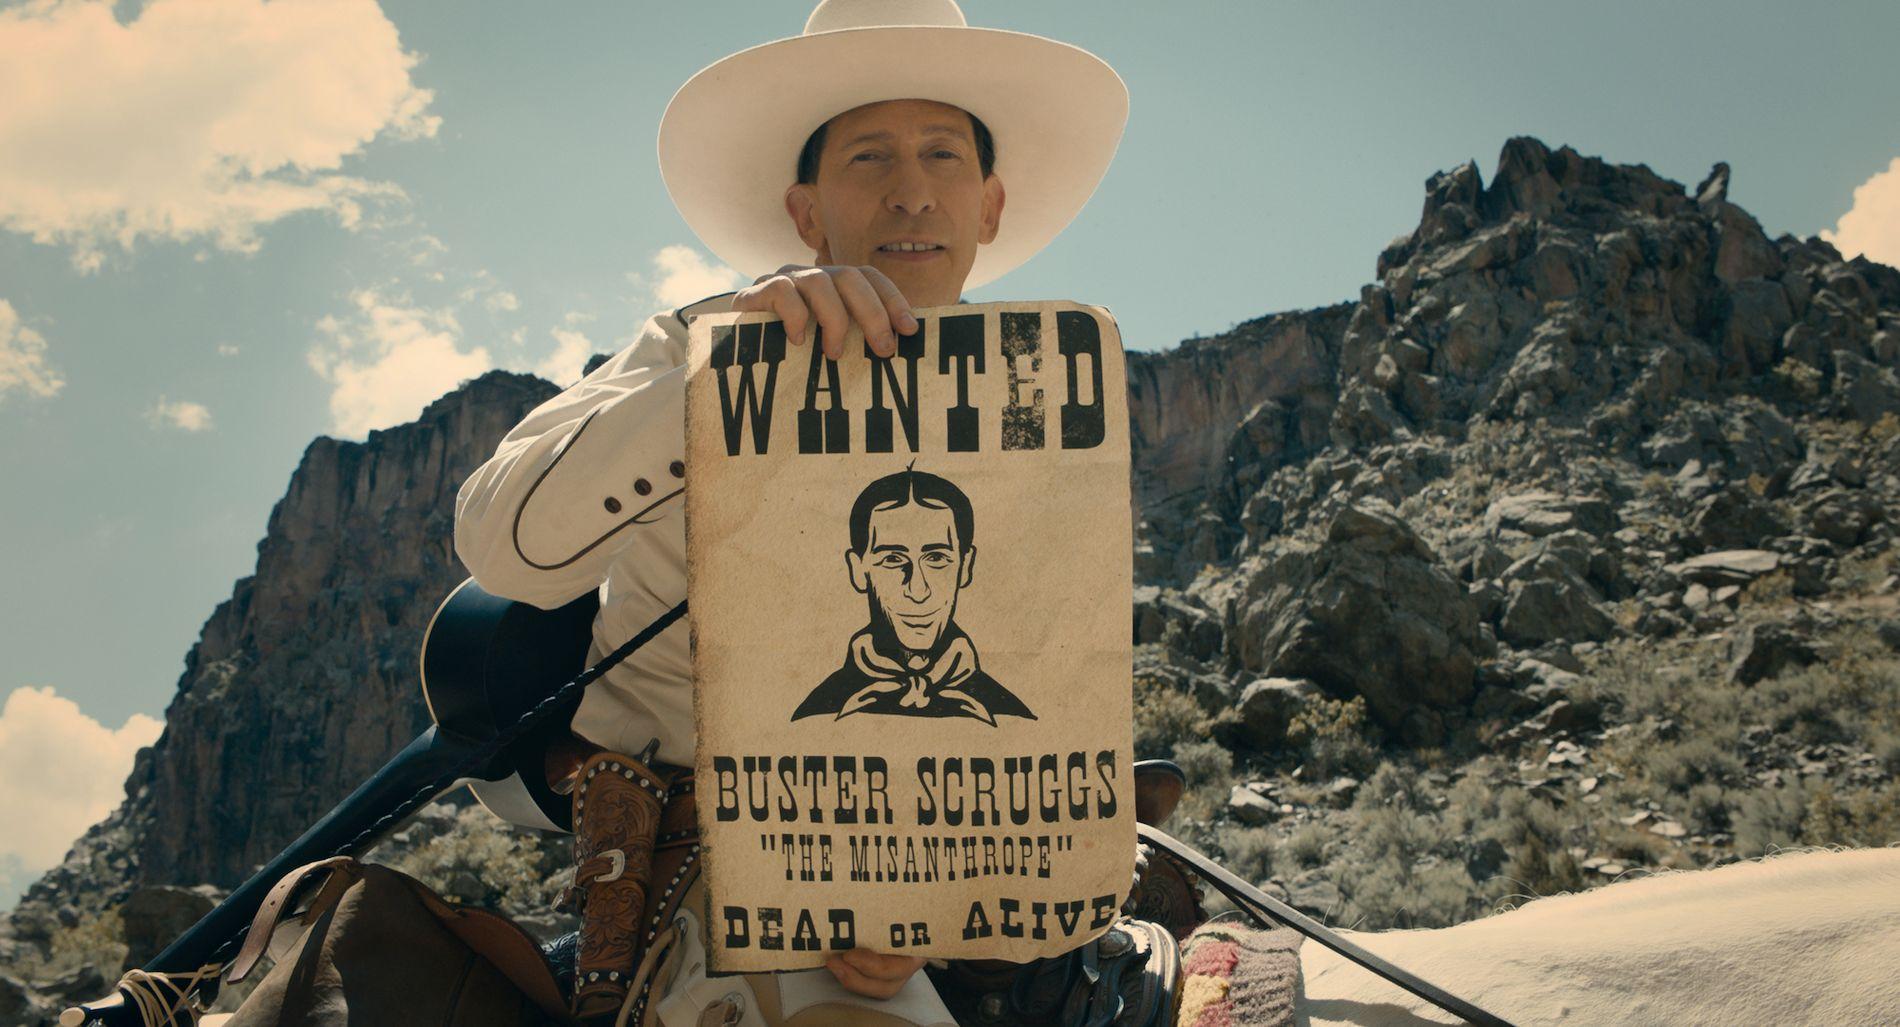 RIR, SYNGER OG SKYTER:  Buster Scruggs, spilt av Tim Blake Nelson i «The Ballad of Buster Scruggs», Coen-brødrenes nye antologifilm.